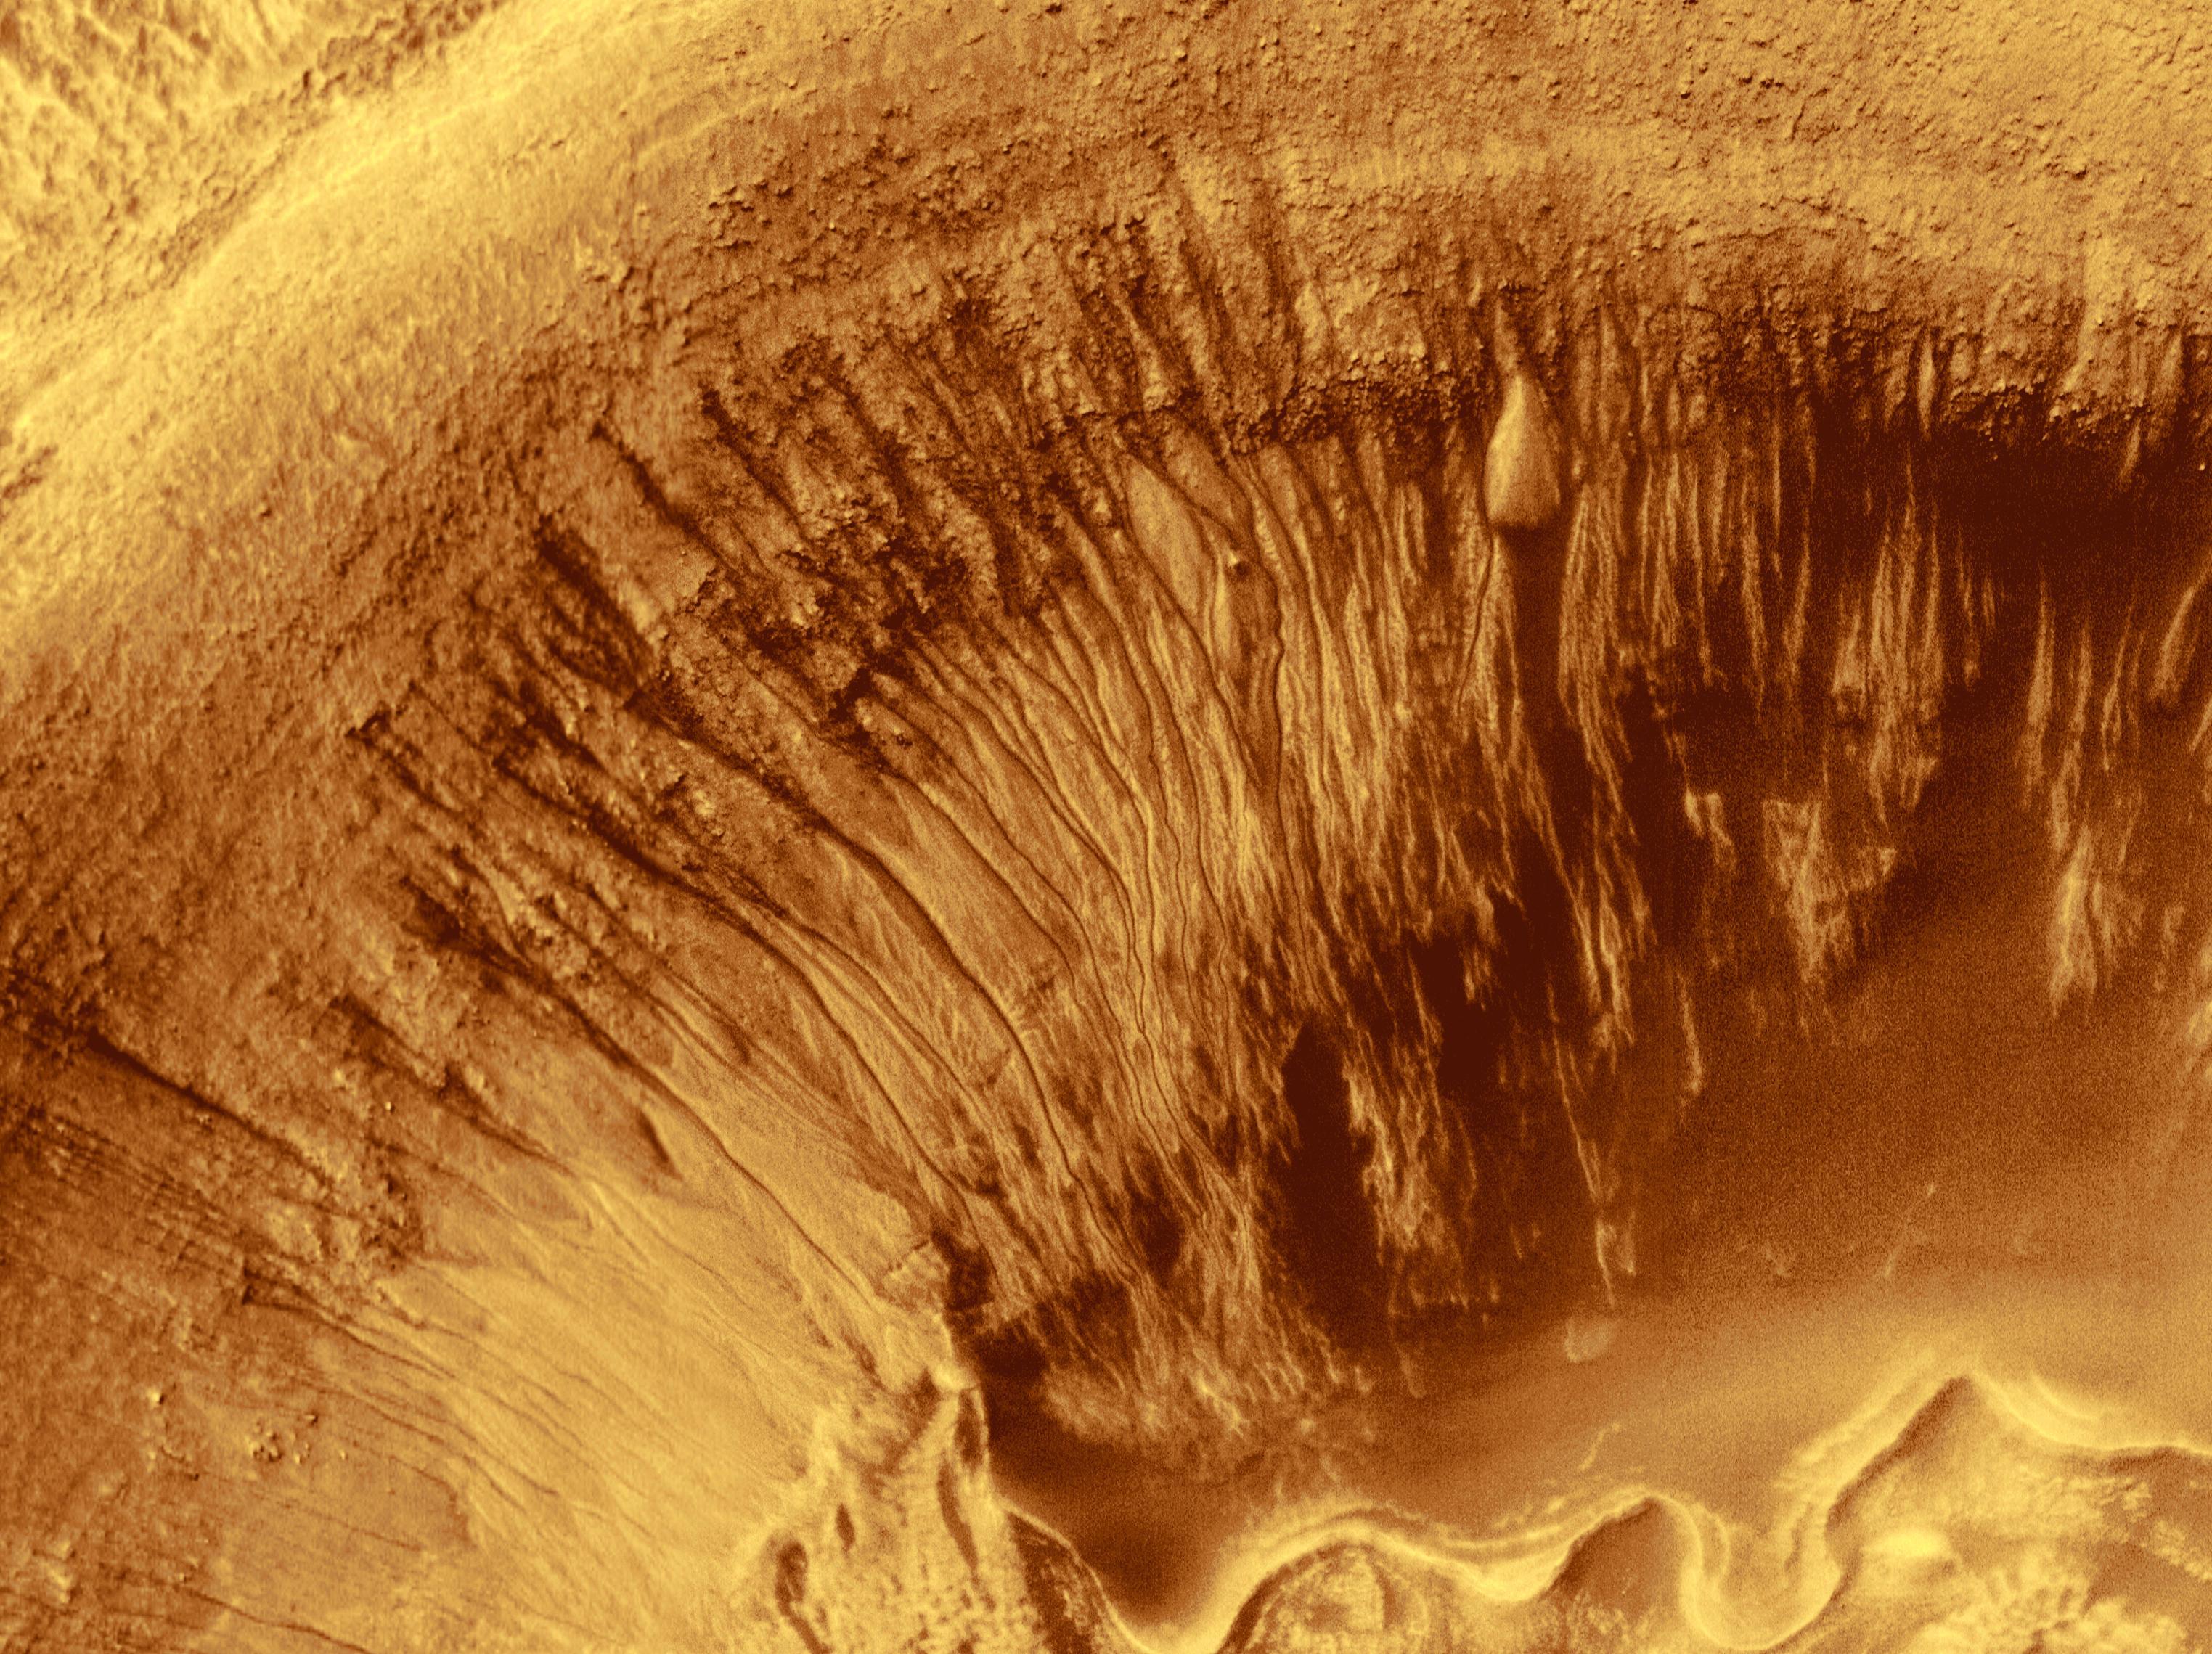 mars as art mars exploration program nasa mars